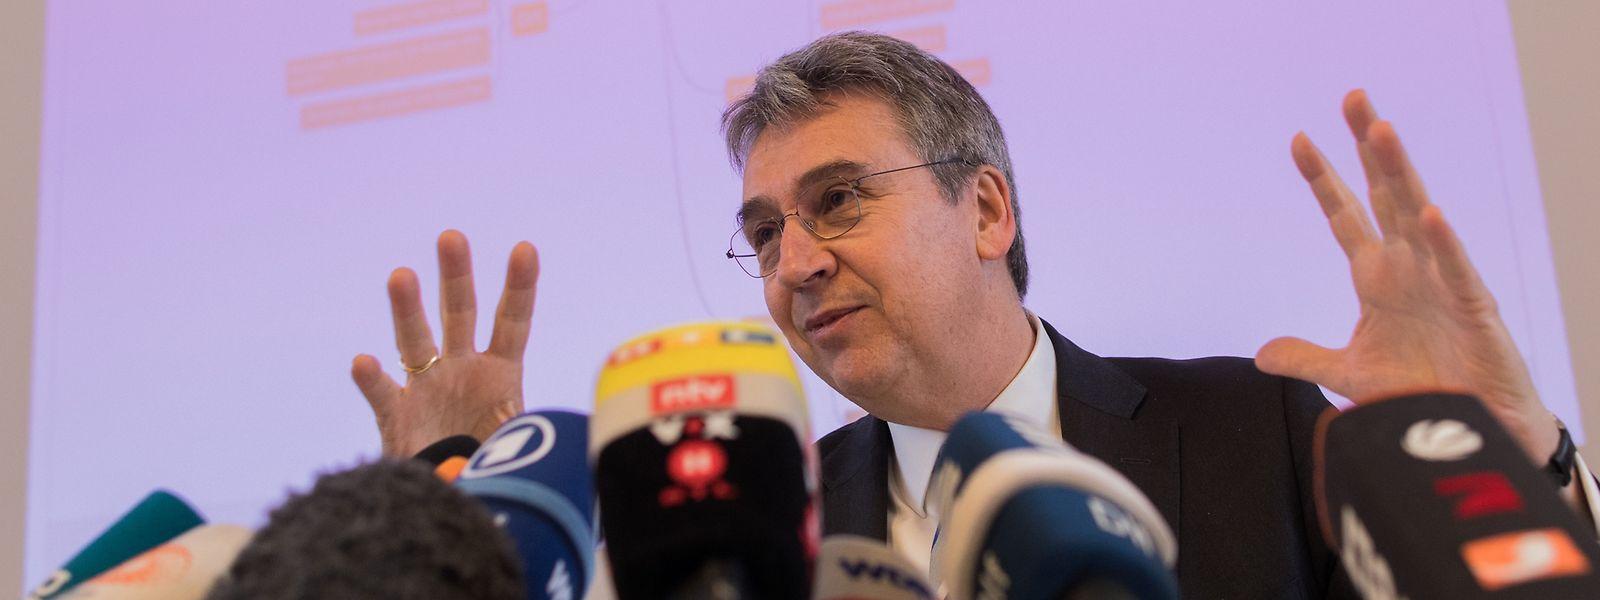 Andreas Mundt, Präsident des Bundeskartellamts, misst dem Streit mit Facebook grundlegende Bedeutung bei.